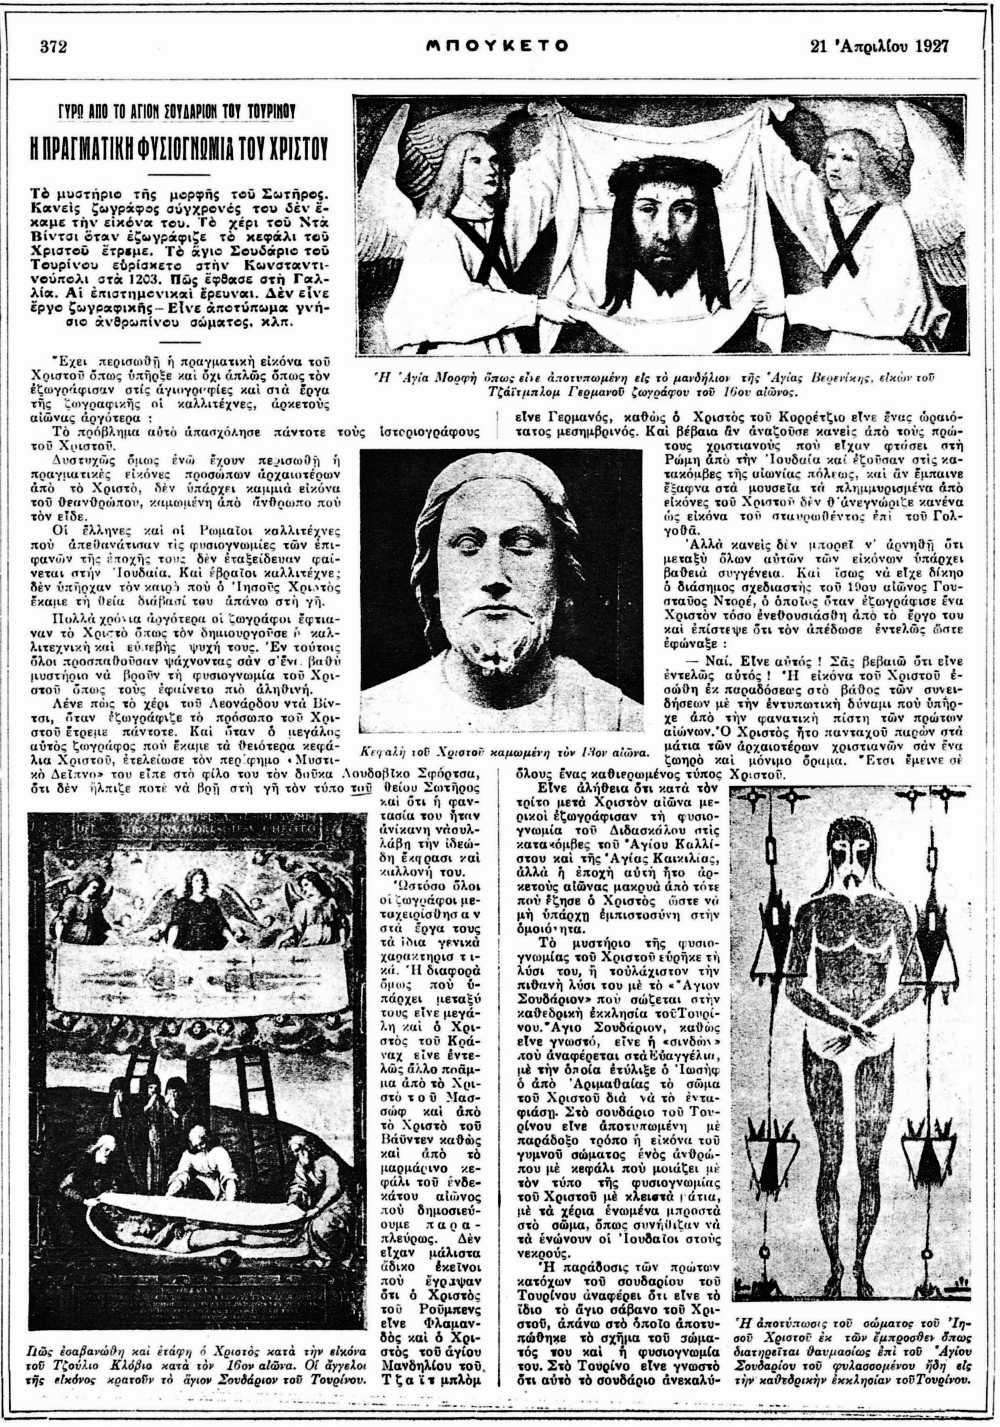 """Το άρθρο, όπως δημοσιεύθηκε στο περιοδικό """"ΜΠΟΥΚΕΤΟ"""", στις 21/04/1927"""